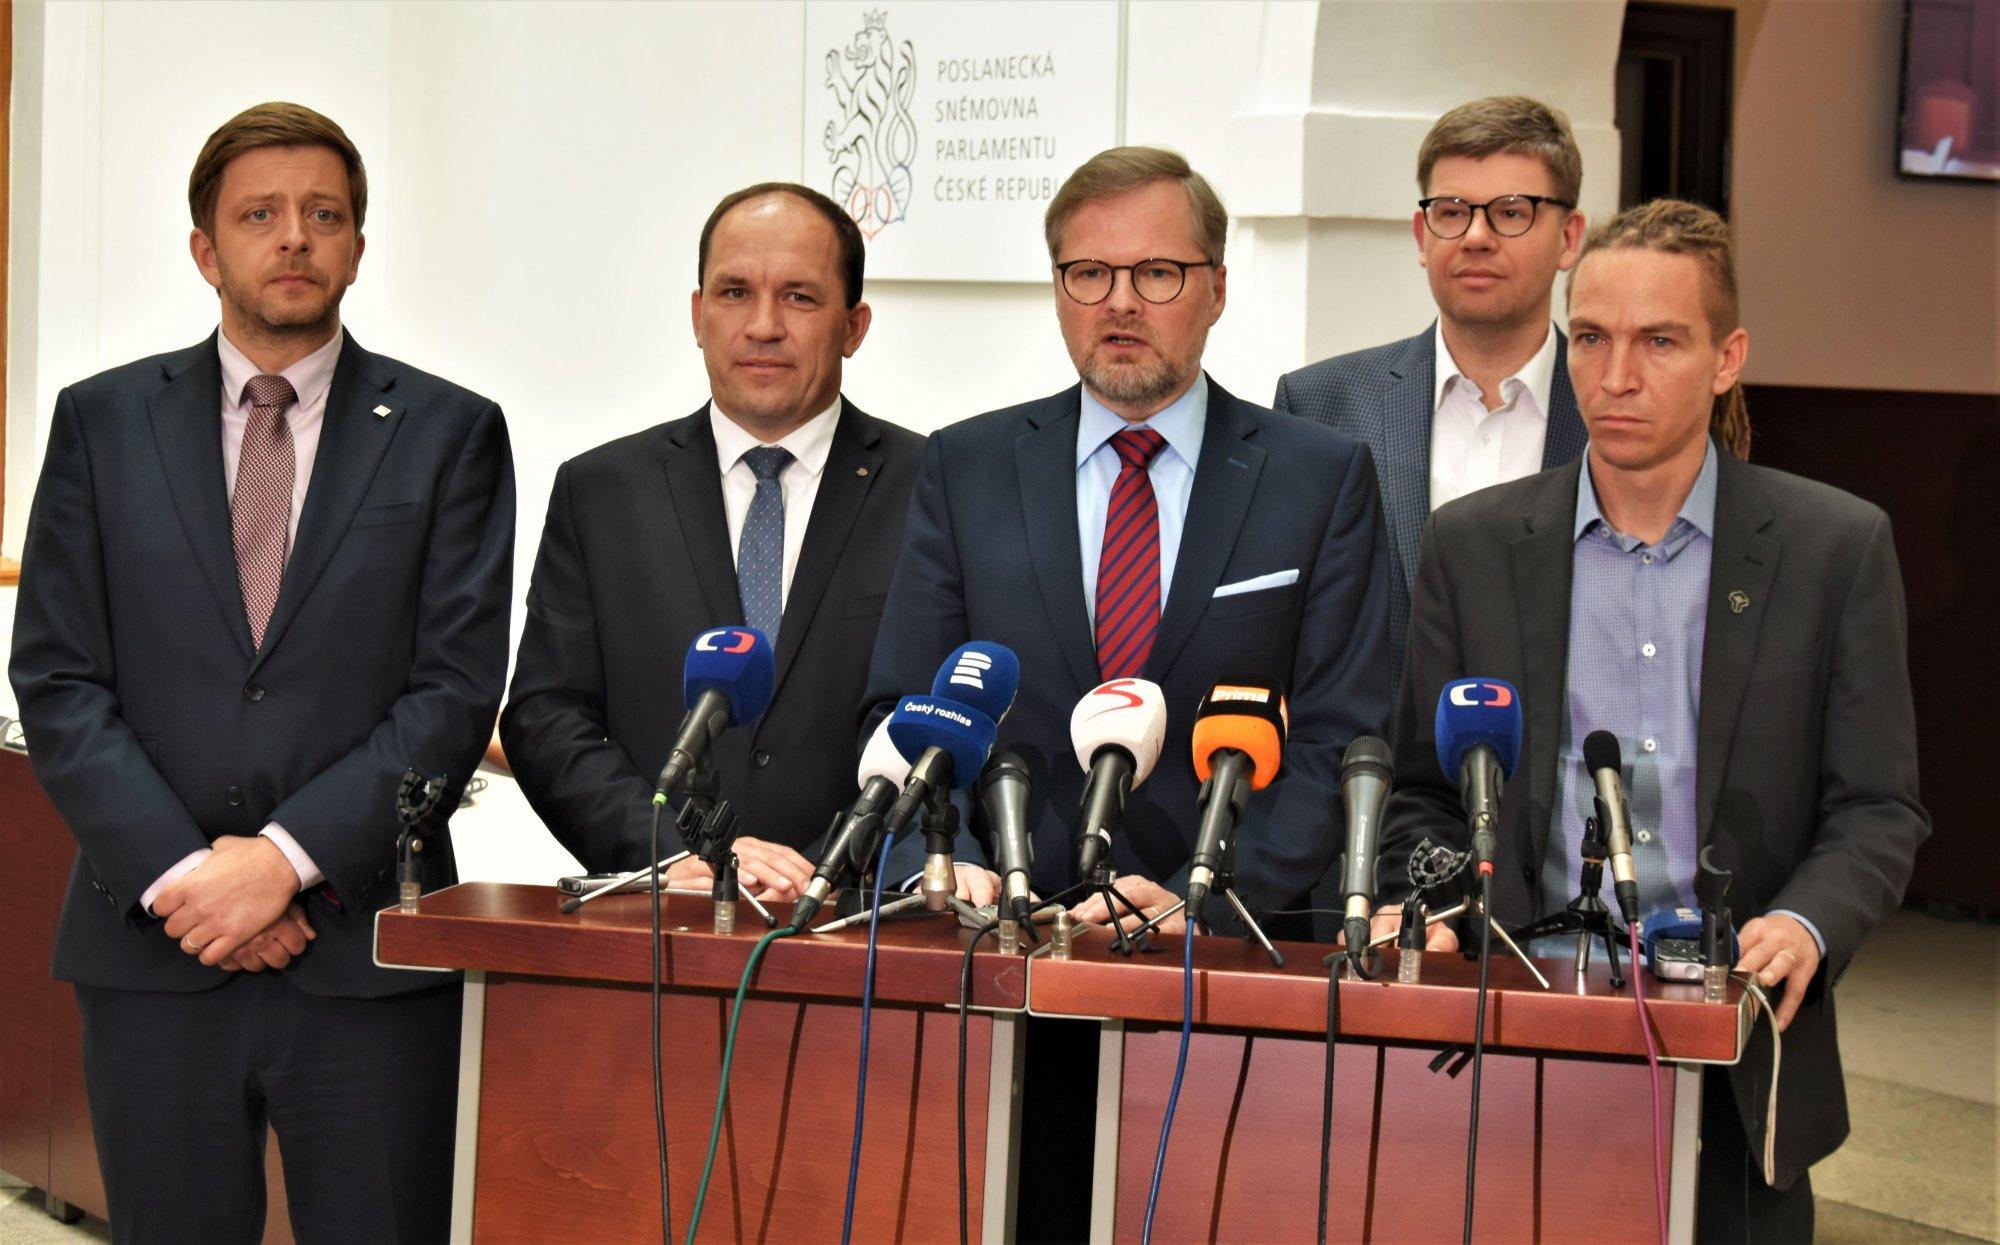 ODS: Peníze, které má ČR vrátit, musí zaplatit Agrofert ze svého